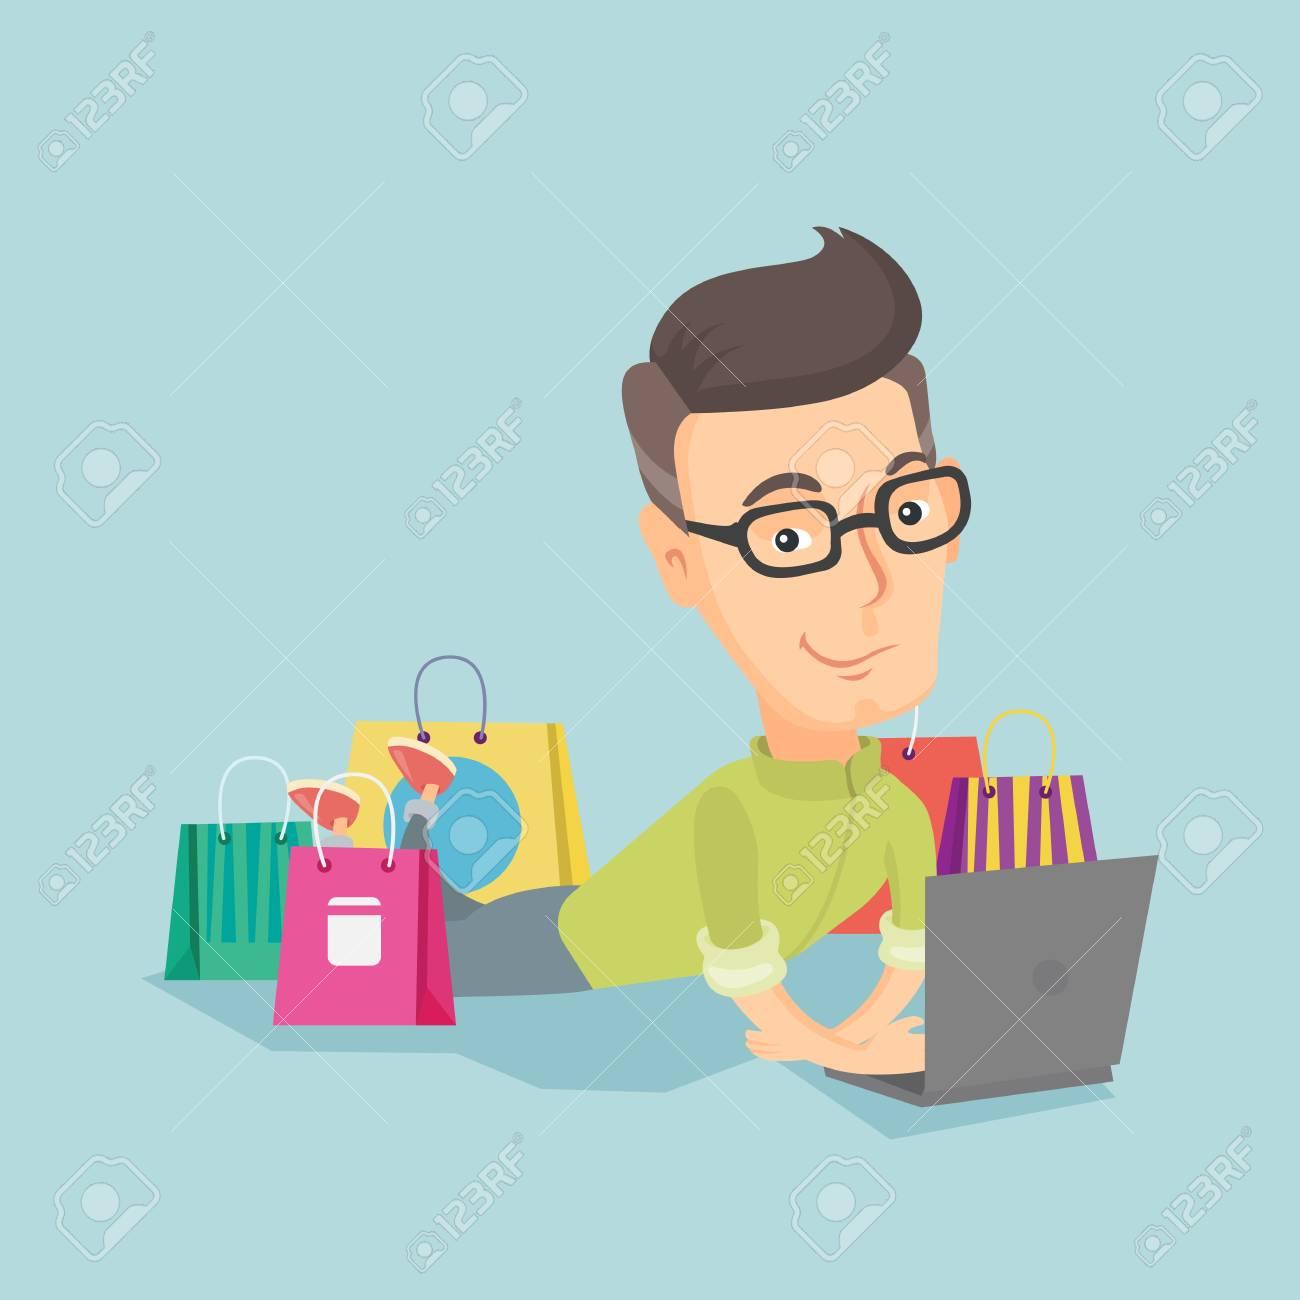 1070edc3bd3b4 Homme Caucasien Adulte à L aide D un Ordinateur Portable Pour Faire Du  Shopping En Ligne. Homme Souriant Couché Avec Un Ordinateur Portable Et Des  Sacs à ...